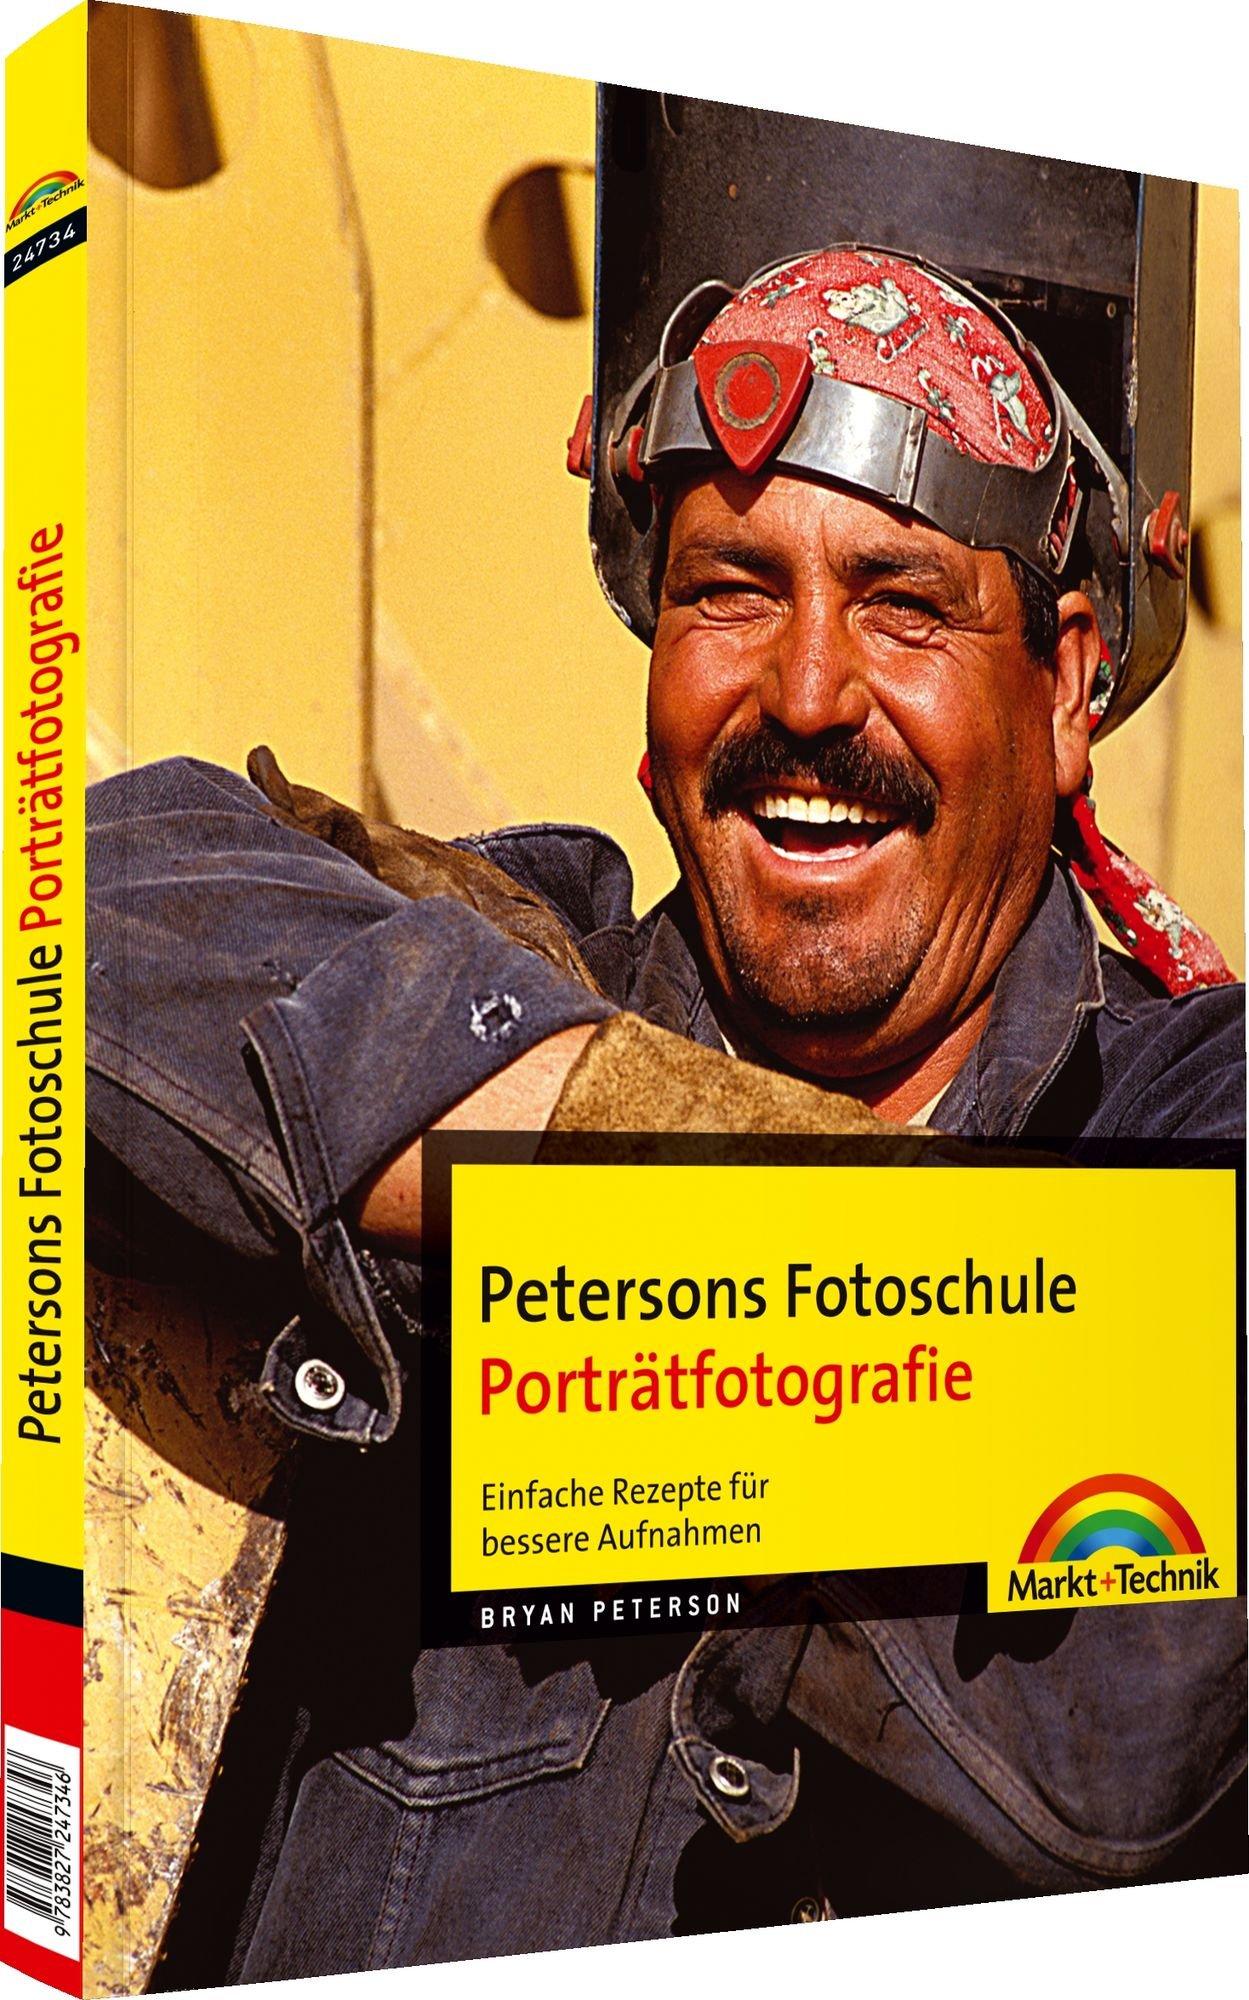 Petersons Fotoschule Porträtfotografie - Petersons Fotoschule Porträtfotografie. Einfache Rezepte für bessere Aufnahmen (Digital fotografieren)